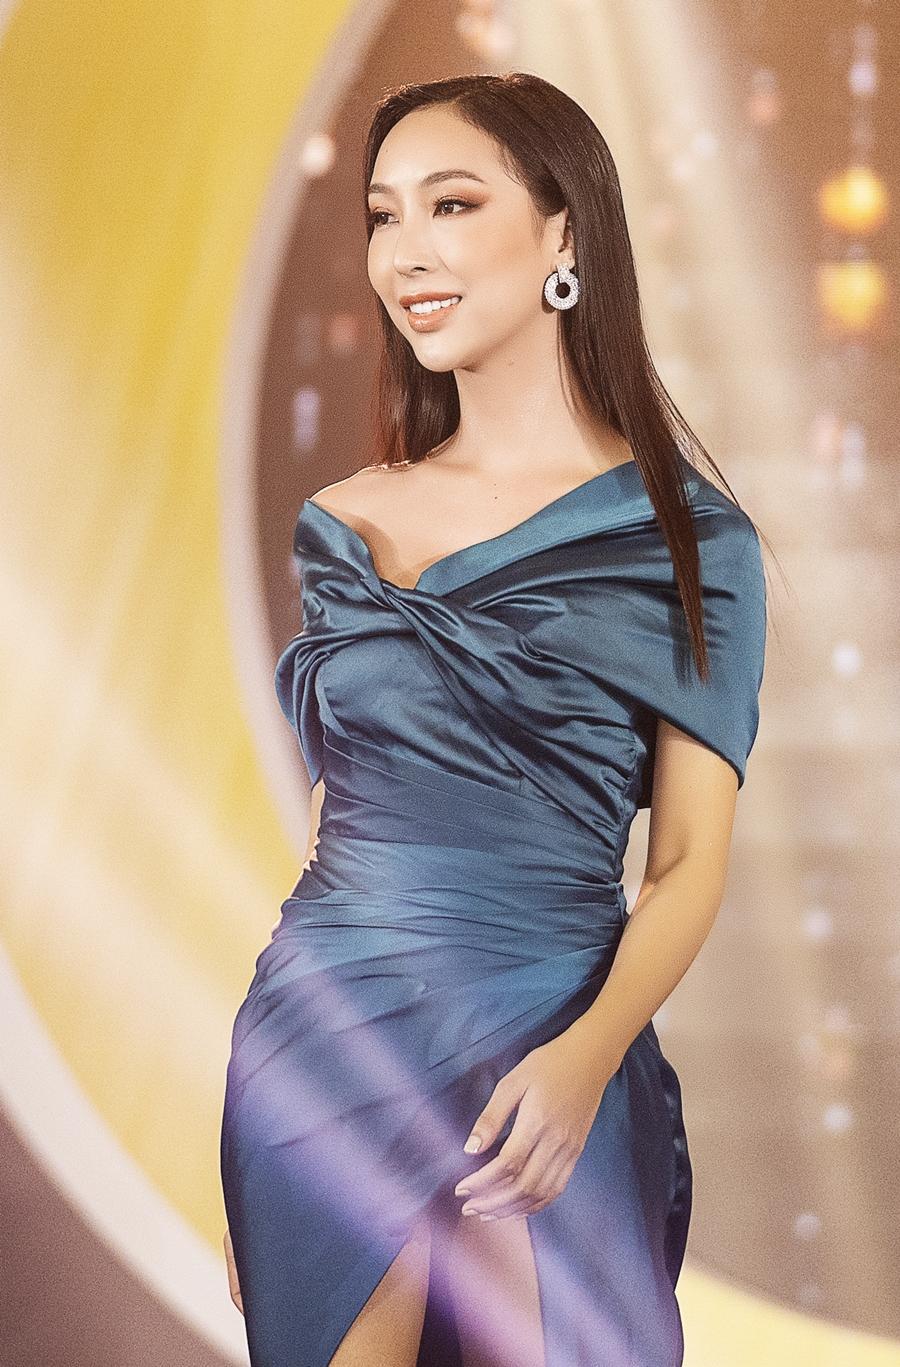 Khánh An là thí sinh duy nhất còn lại của đội Kiều Loan. Cô đến từ Hậu Giang, cao 1,64 m, số đo 83 - 64 - 95 cm.